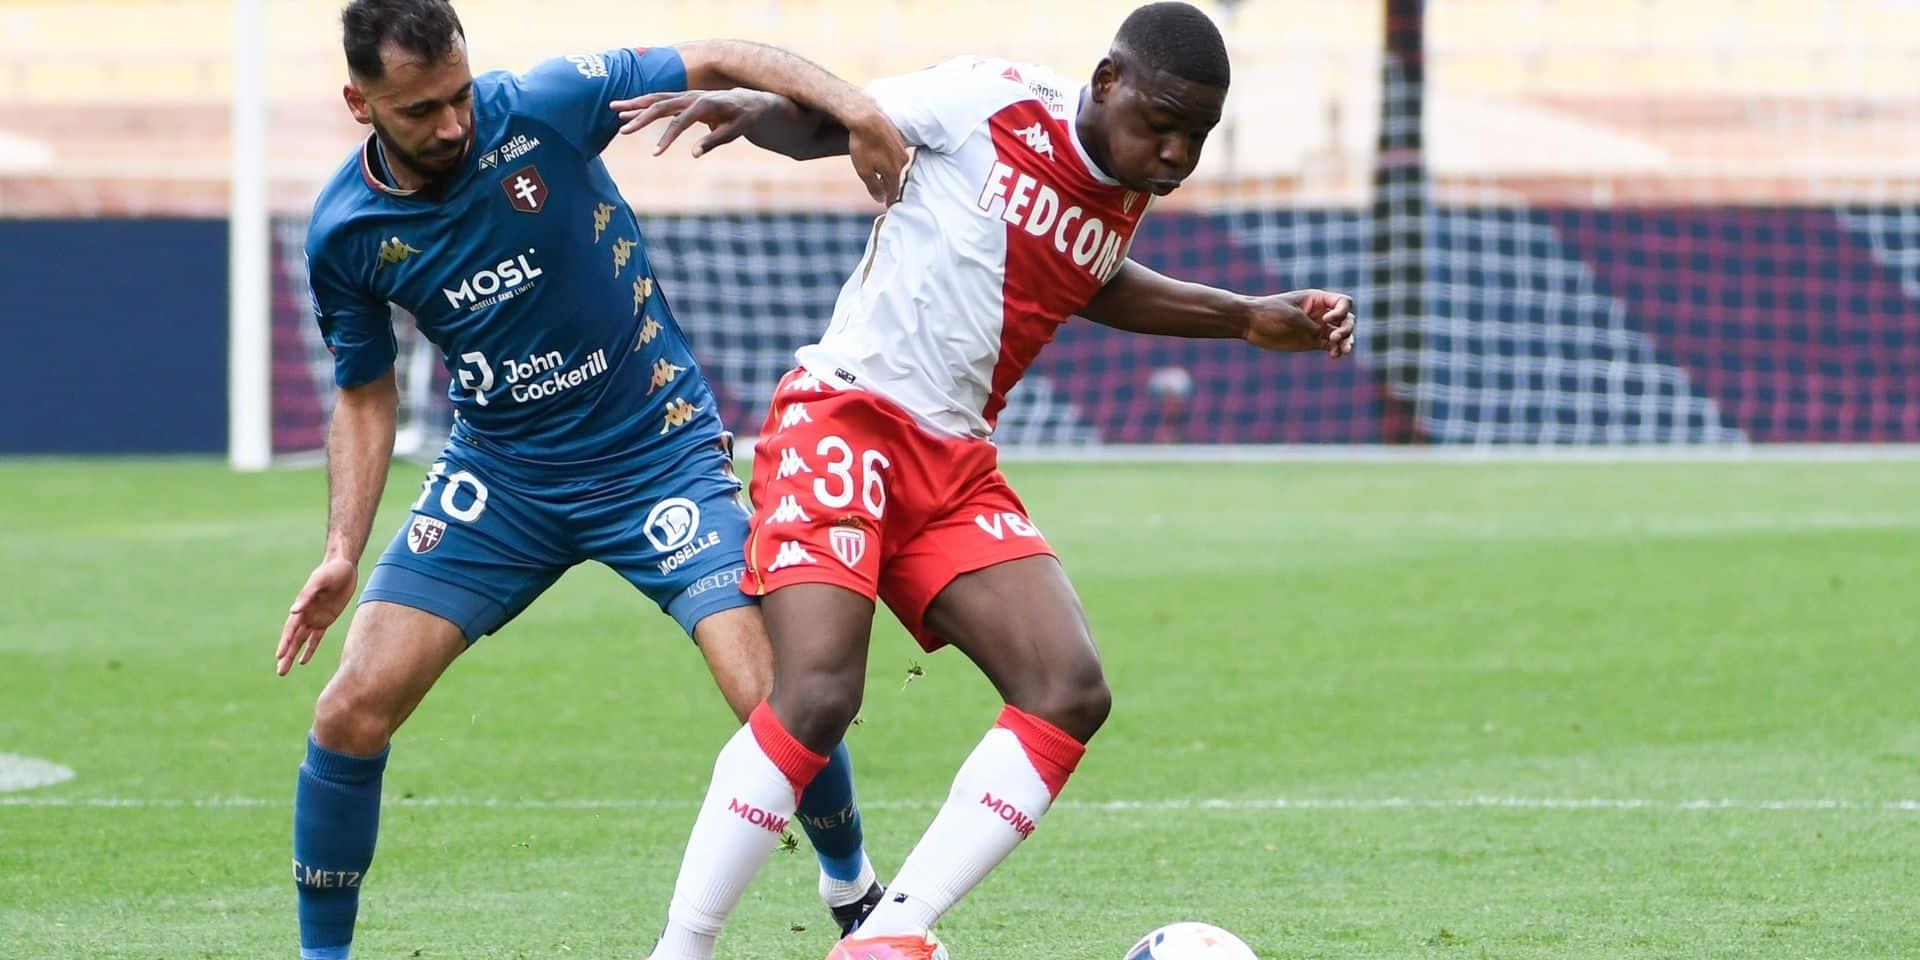 AS Monaco v FC Metz - Ligue 1 Uber Eats